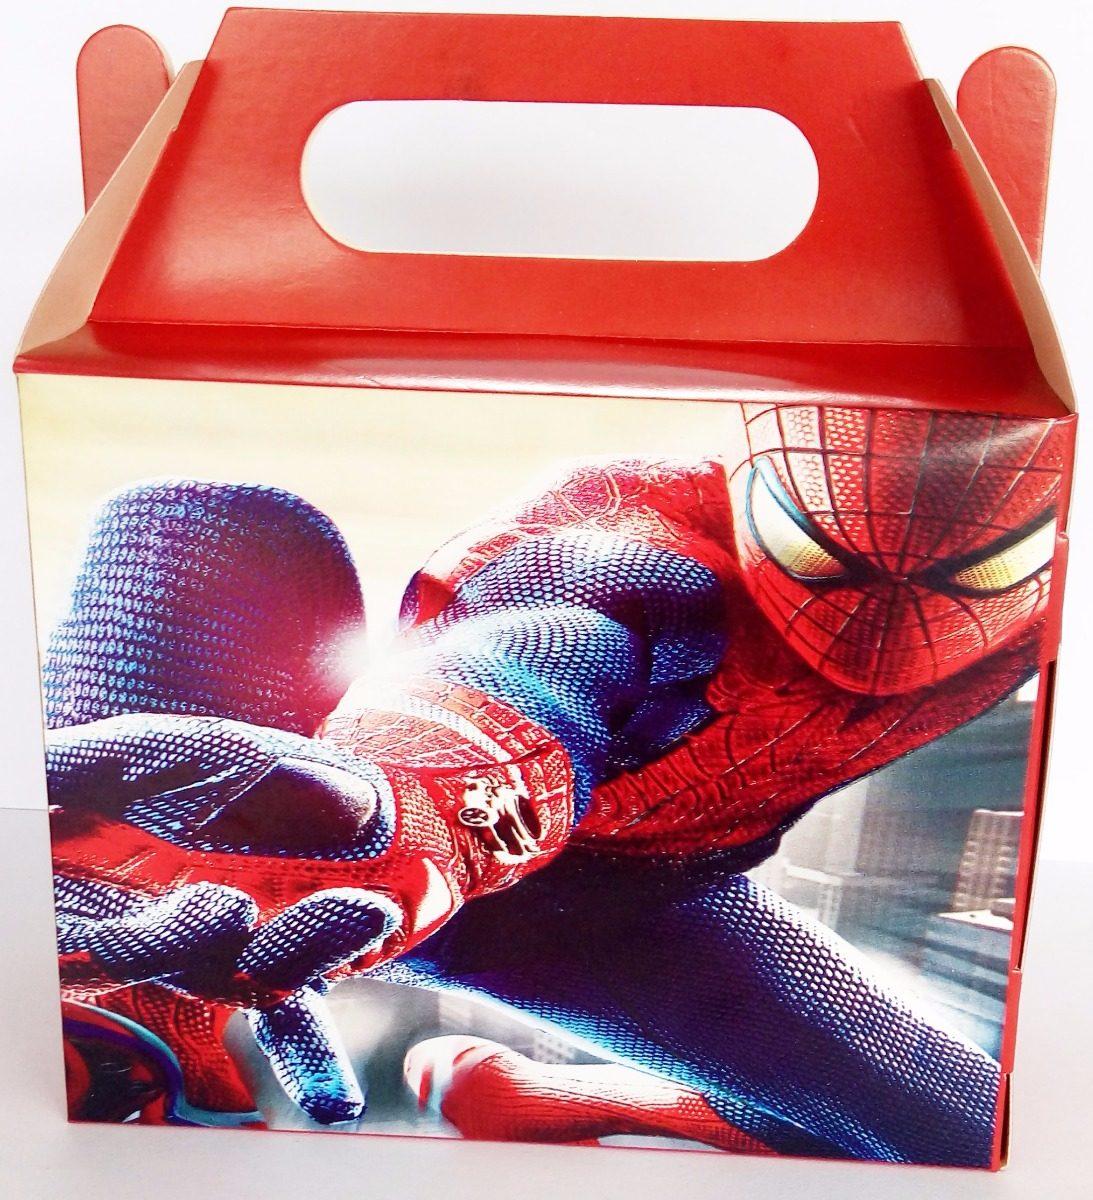 2381876a65 32 caixinha surpresa lembrancinha tema homem aranha. Carregando zoom.